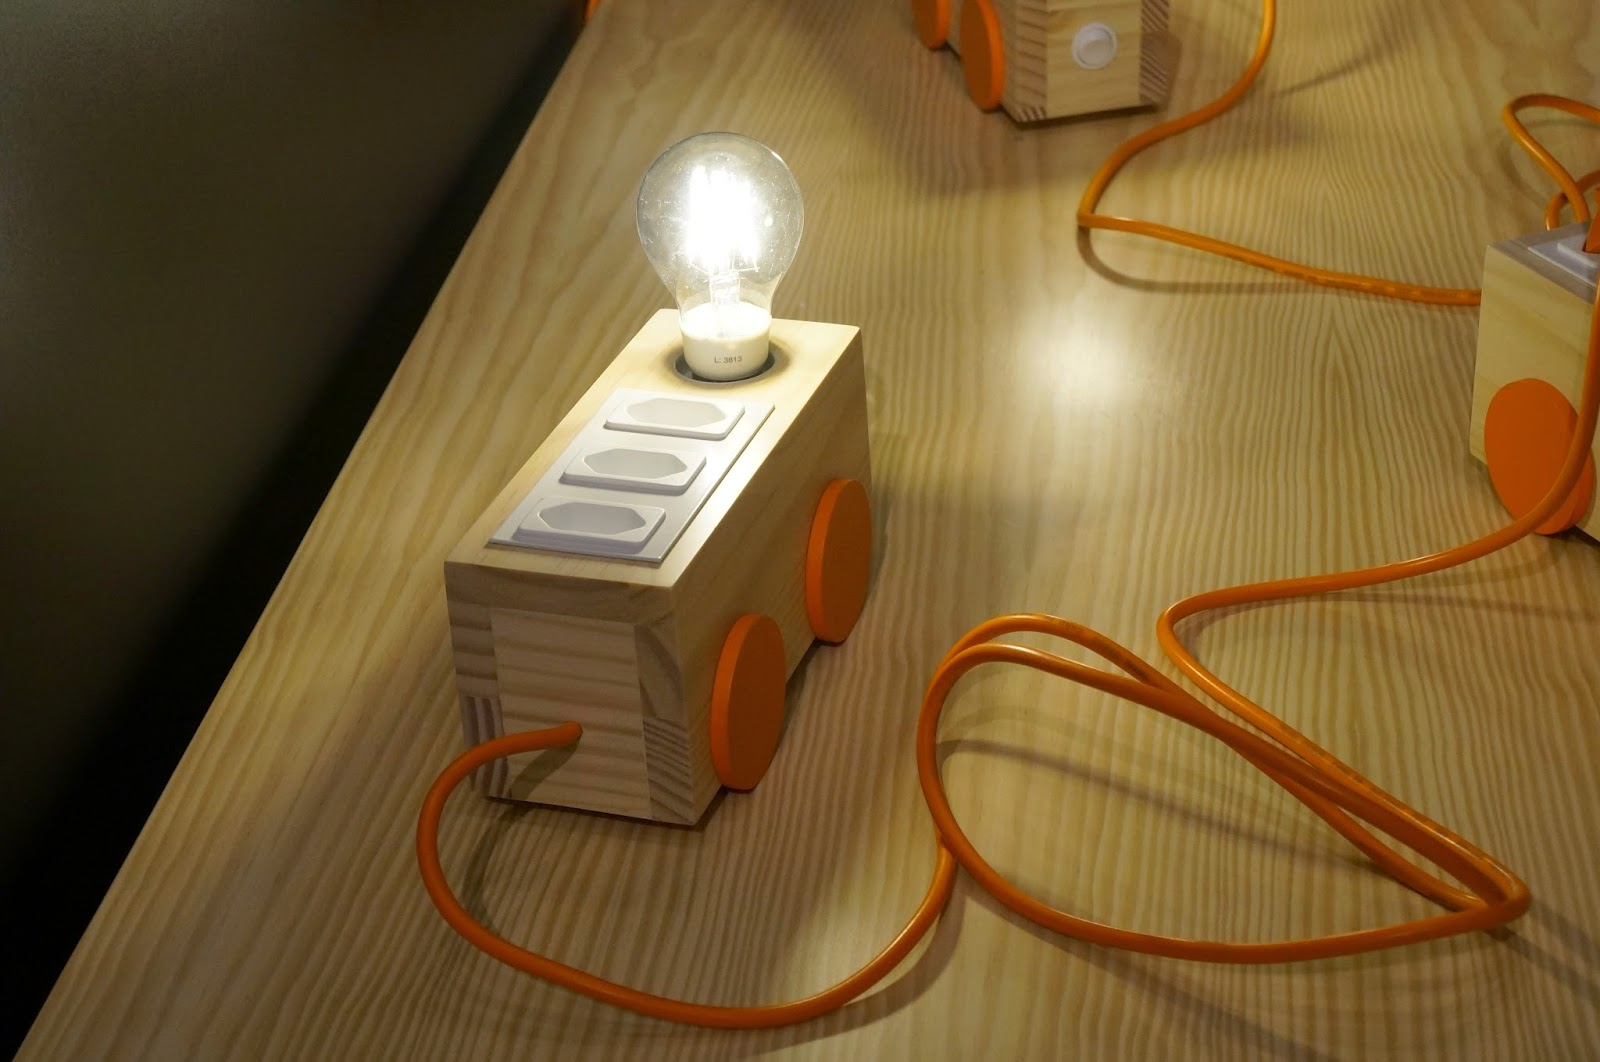 Bel Lobo - Coleção Vira e Mexe - Tok&Stok - extensão anda luz com três tomadas e ponto de luz